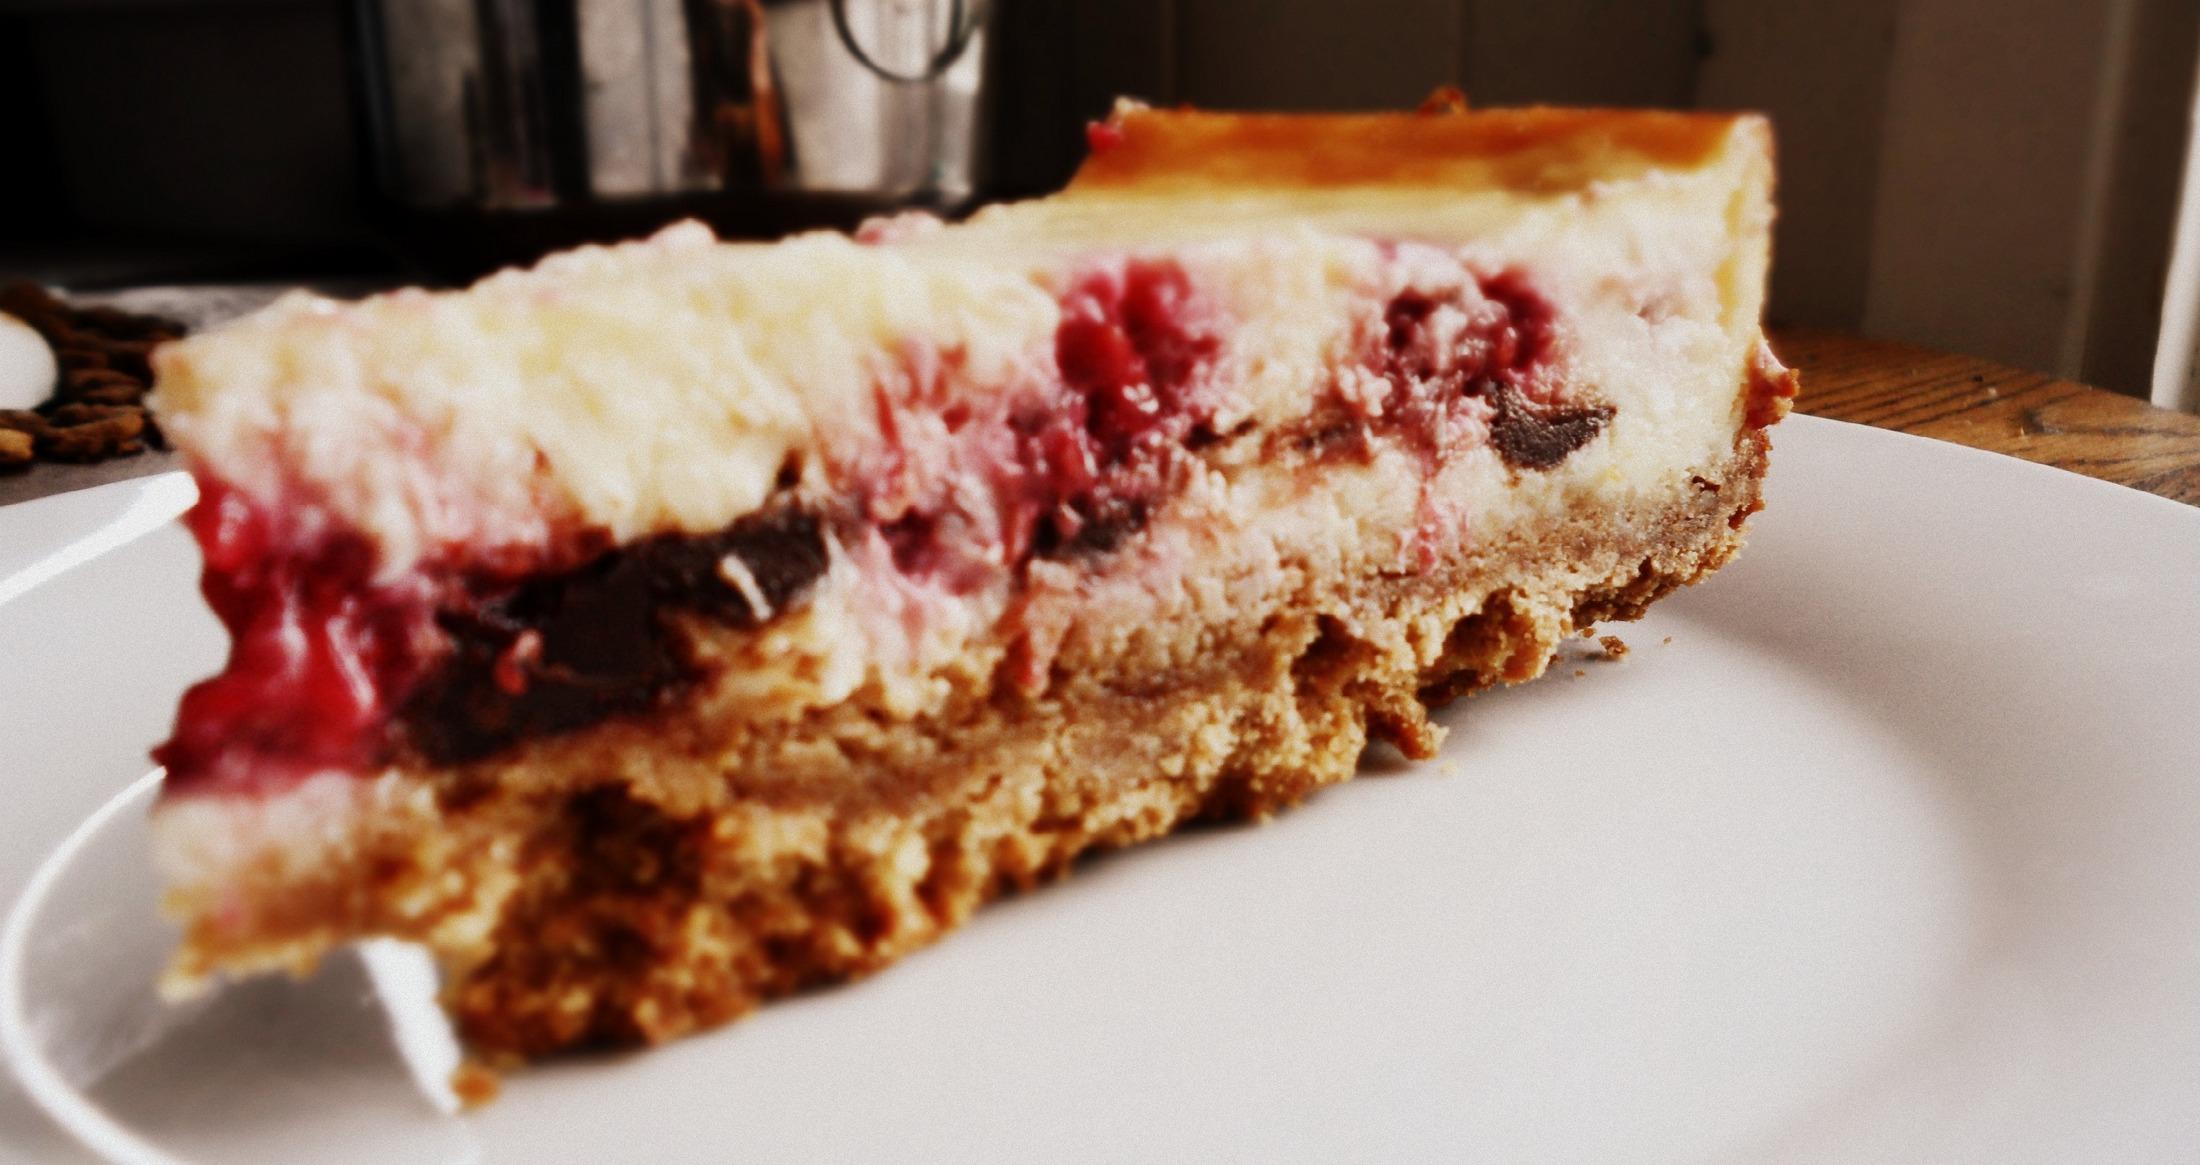 Fotografie receptu: Čokoládovo-mléčný cheesecake s malinami